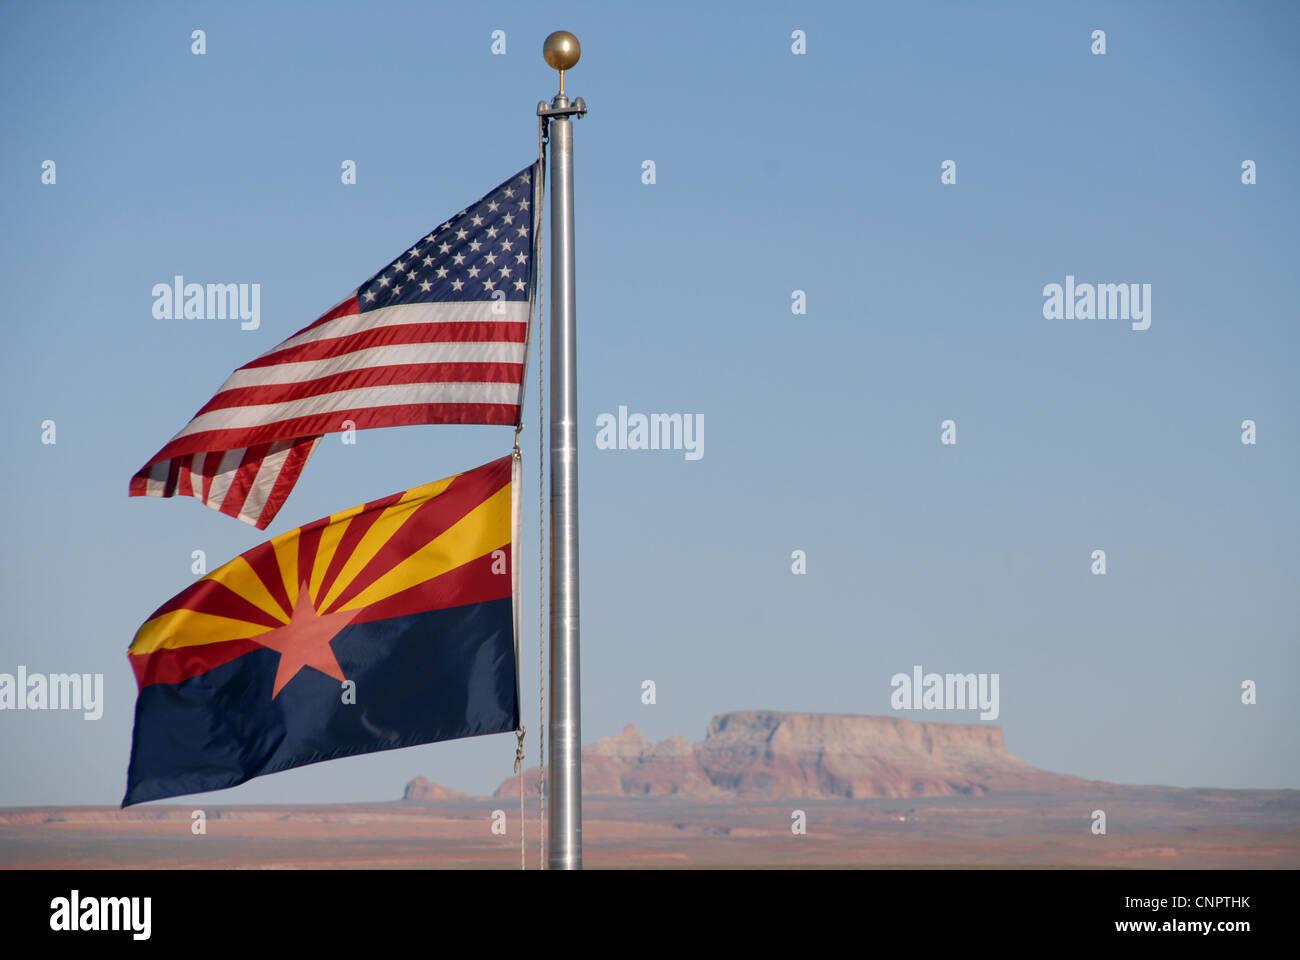 Fantastisch Amerikanische Flagge Farbung Seite Zeitgenössisch ...